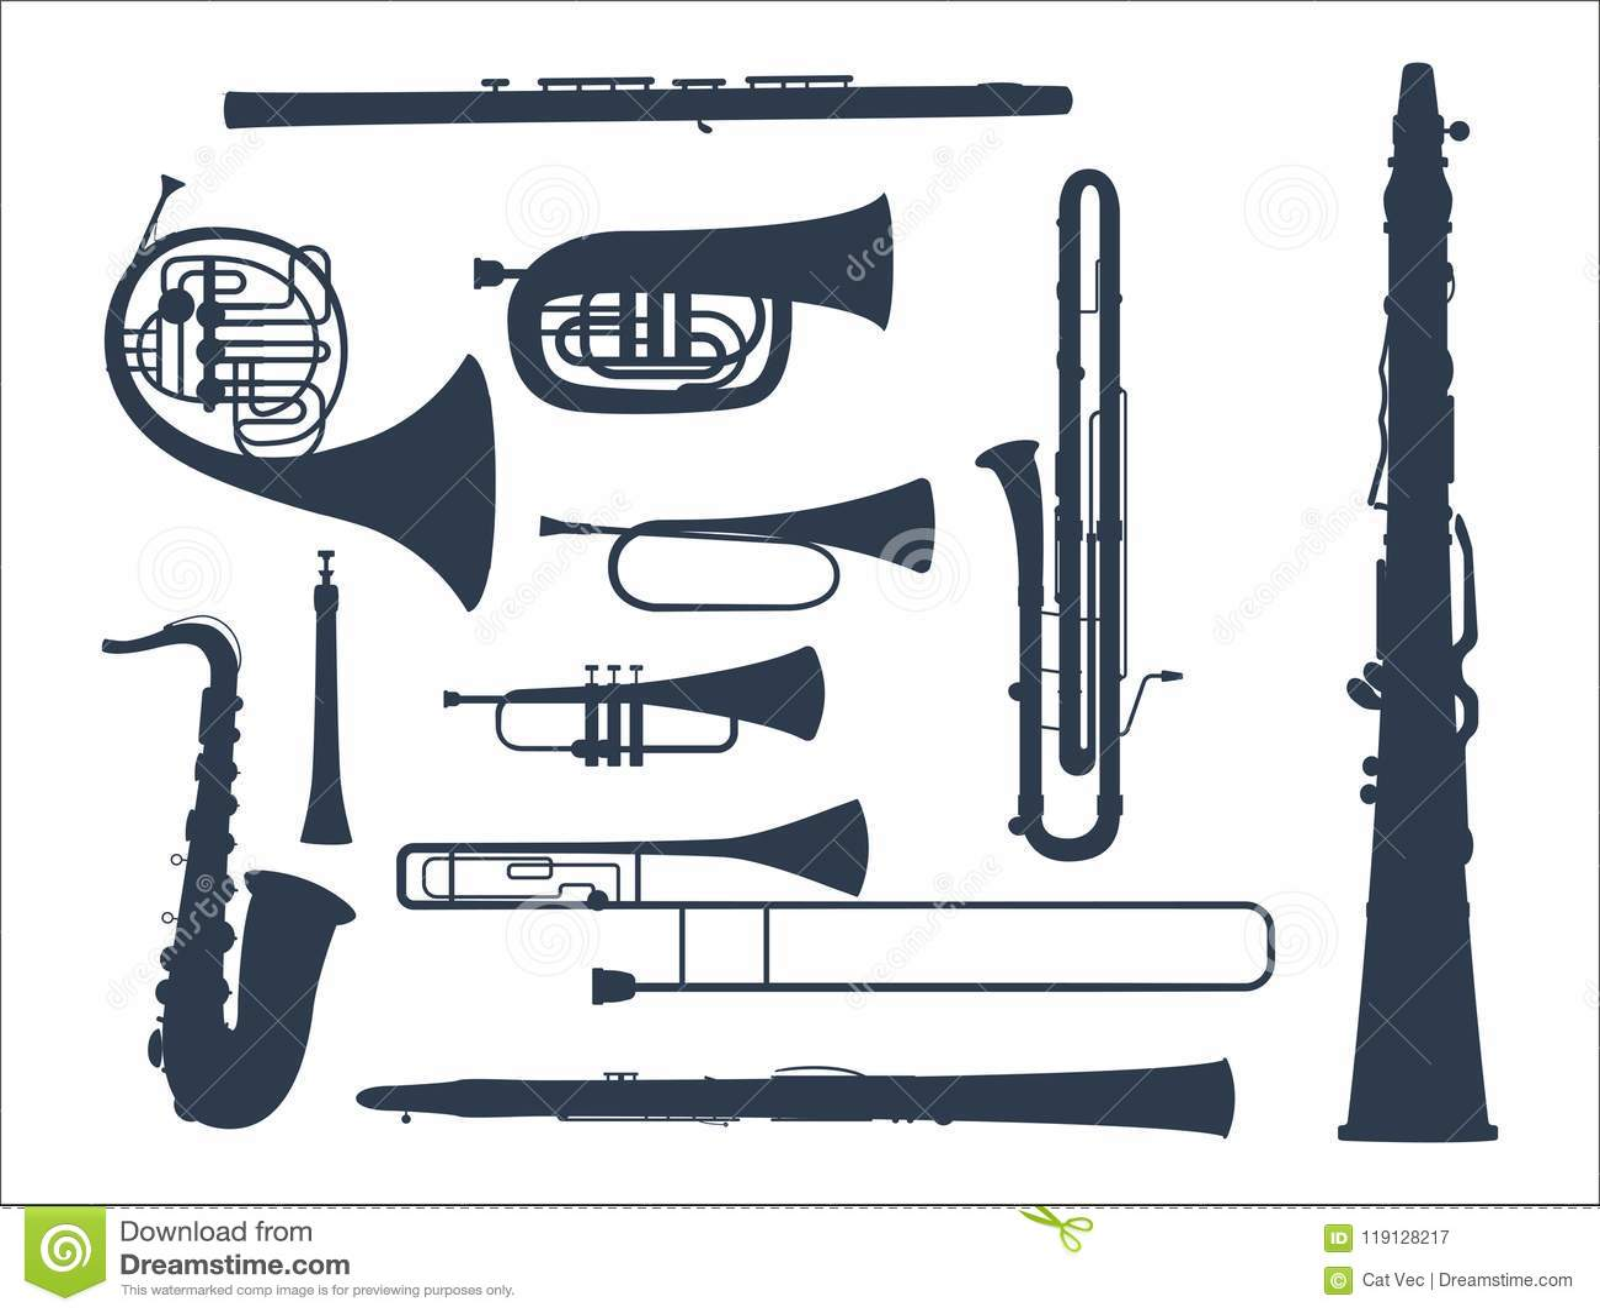 Enrole a ilustração acústica do vetor da orquestra do equipamento do músico das ferramentas dos instrumentos musicais